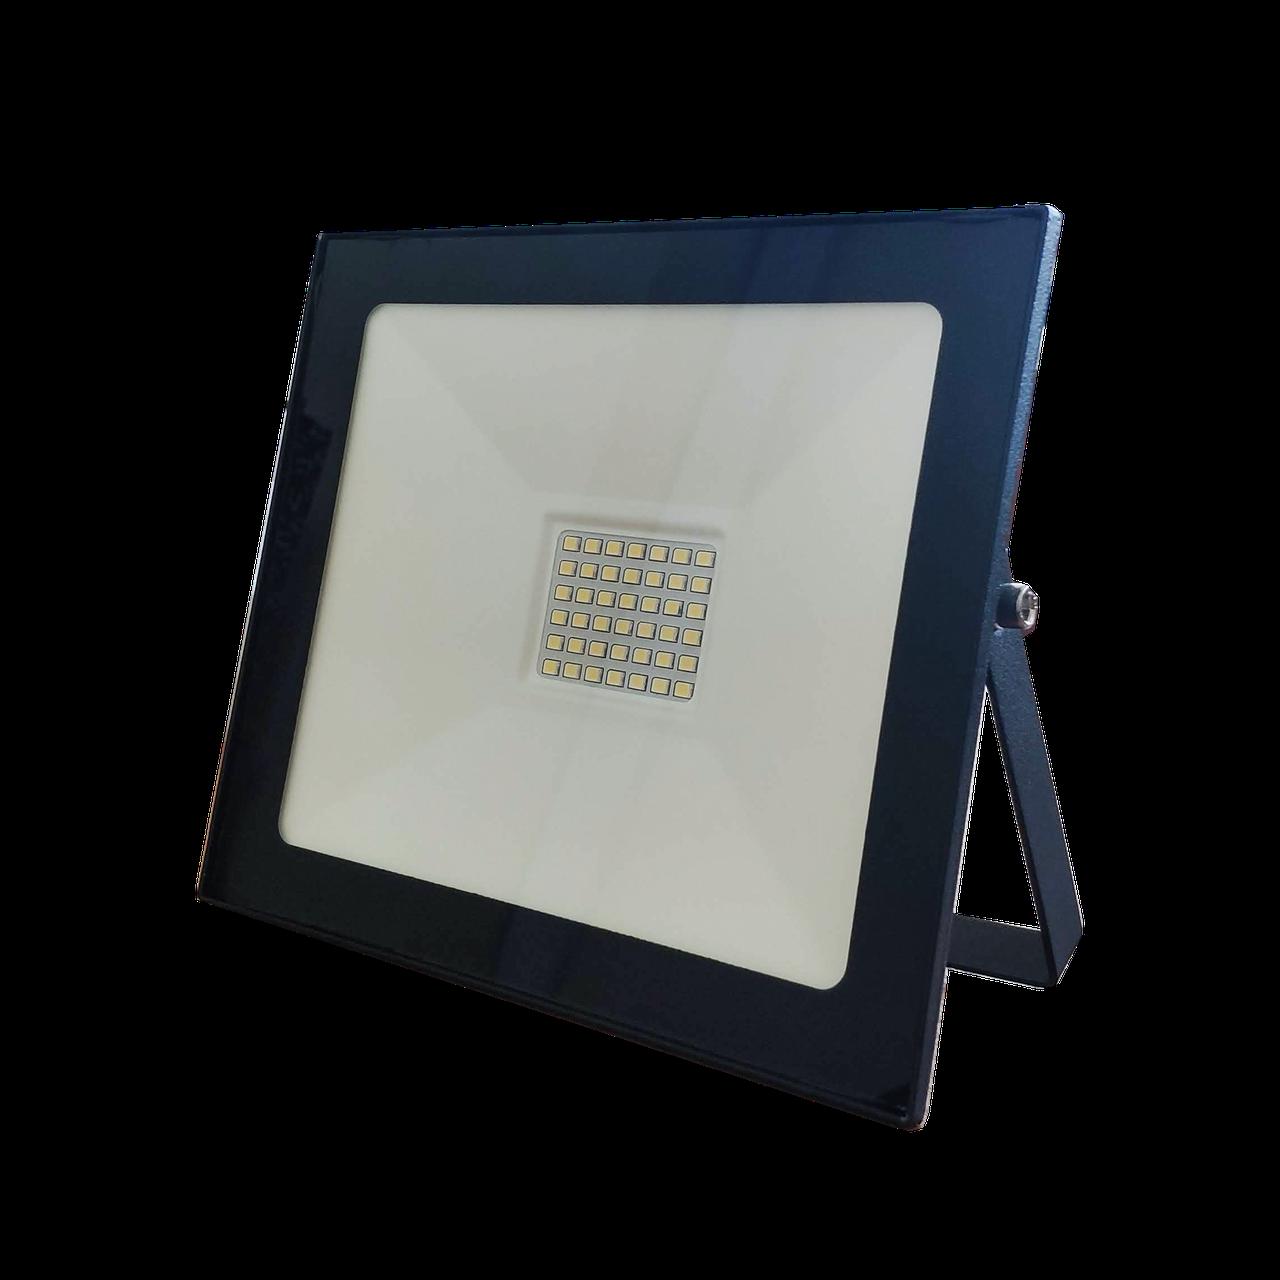 Прожектор LED 50W ECO Slim 220V 3500Lm 6500K IP65 TechnoSystems TNSy5000238